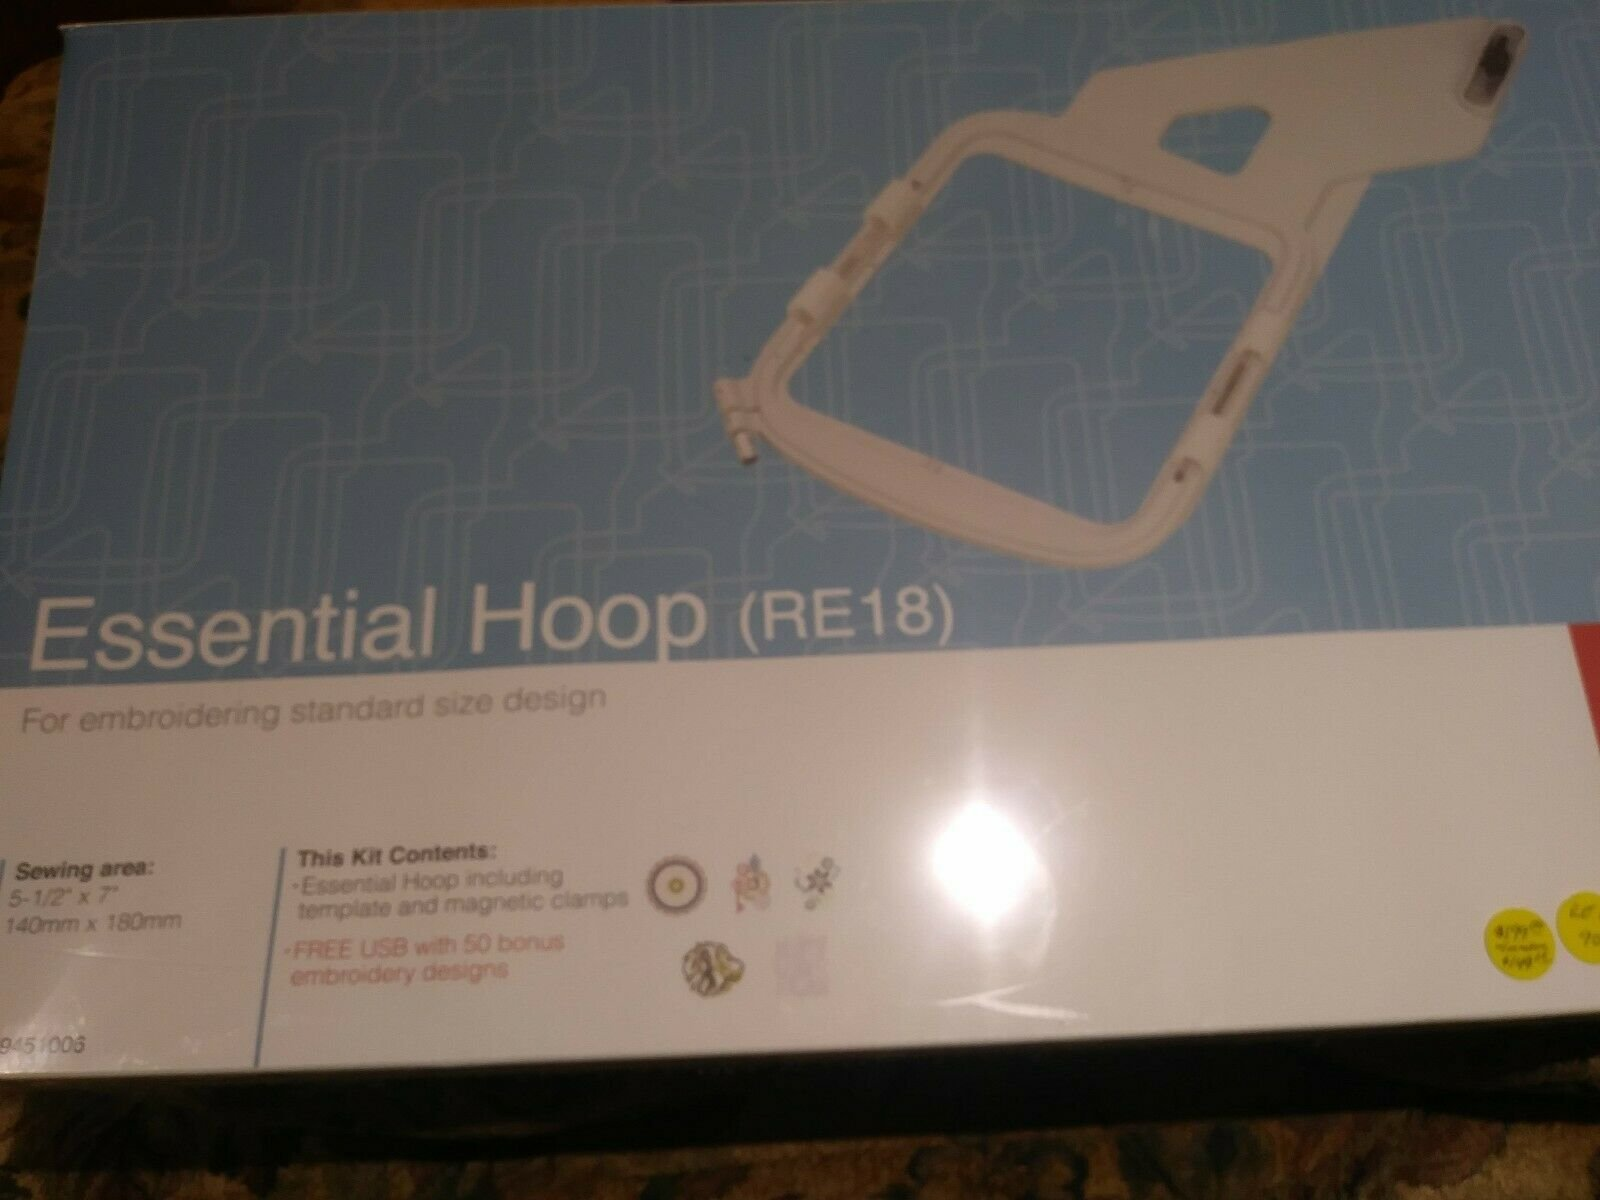 Elna Essential Hoop RE18